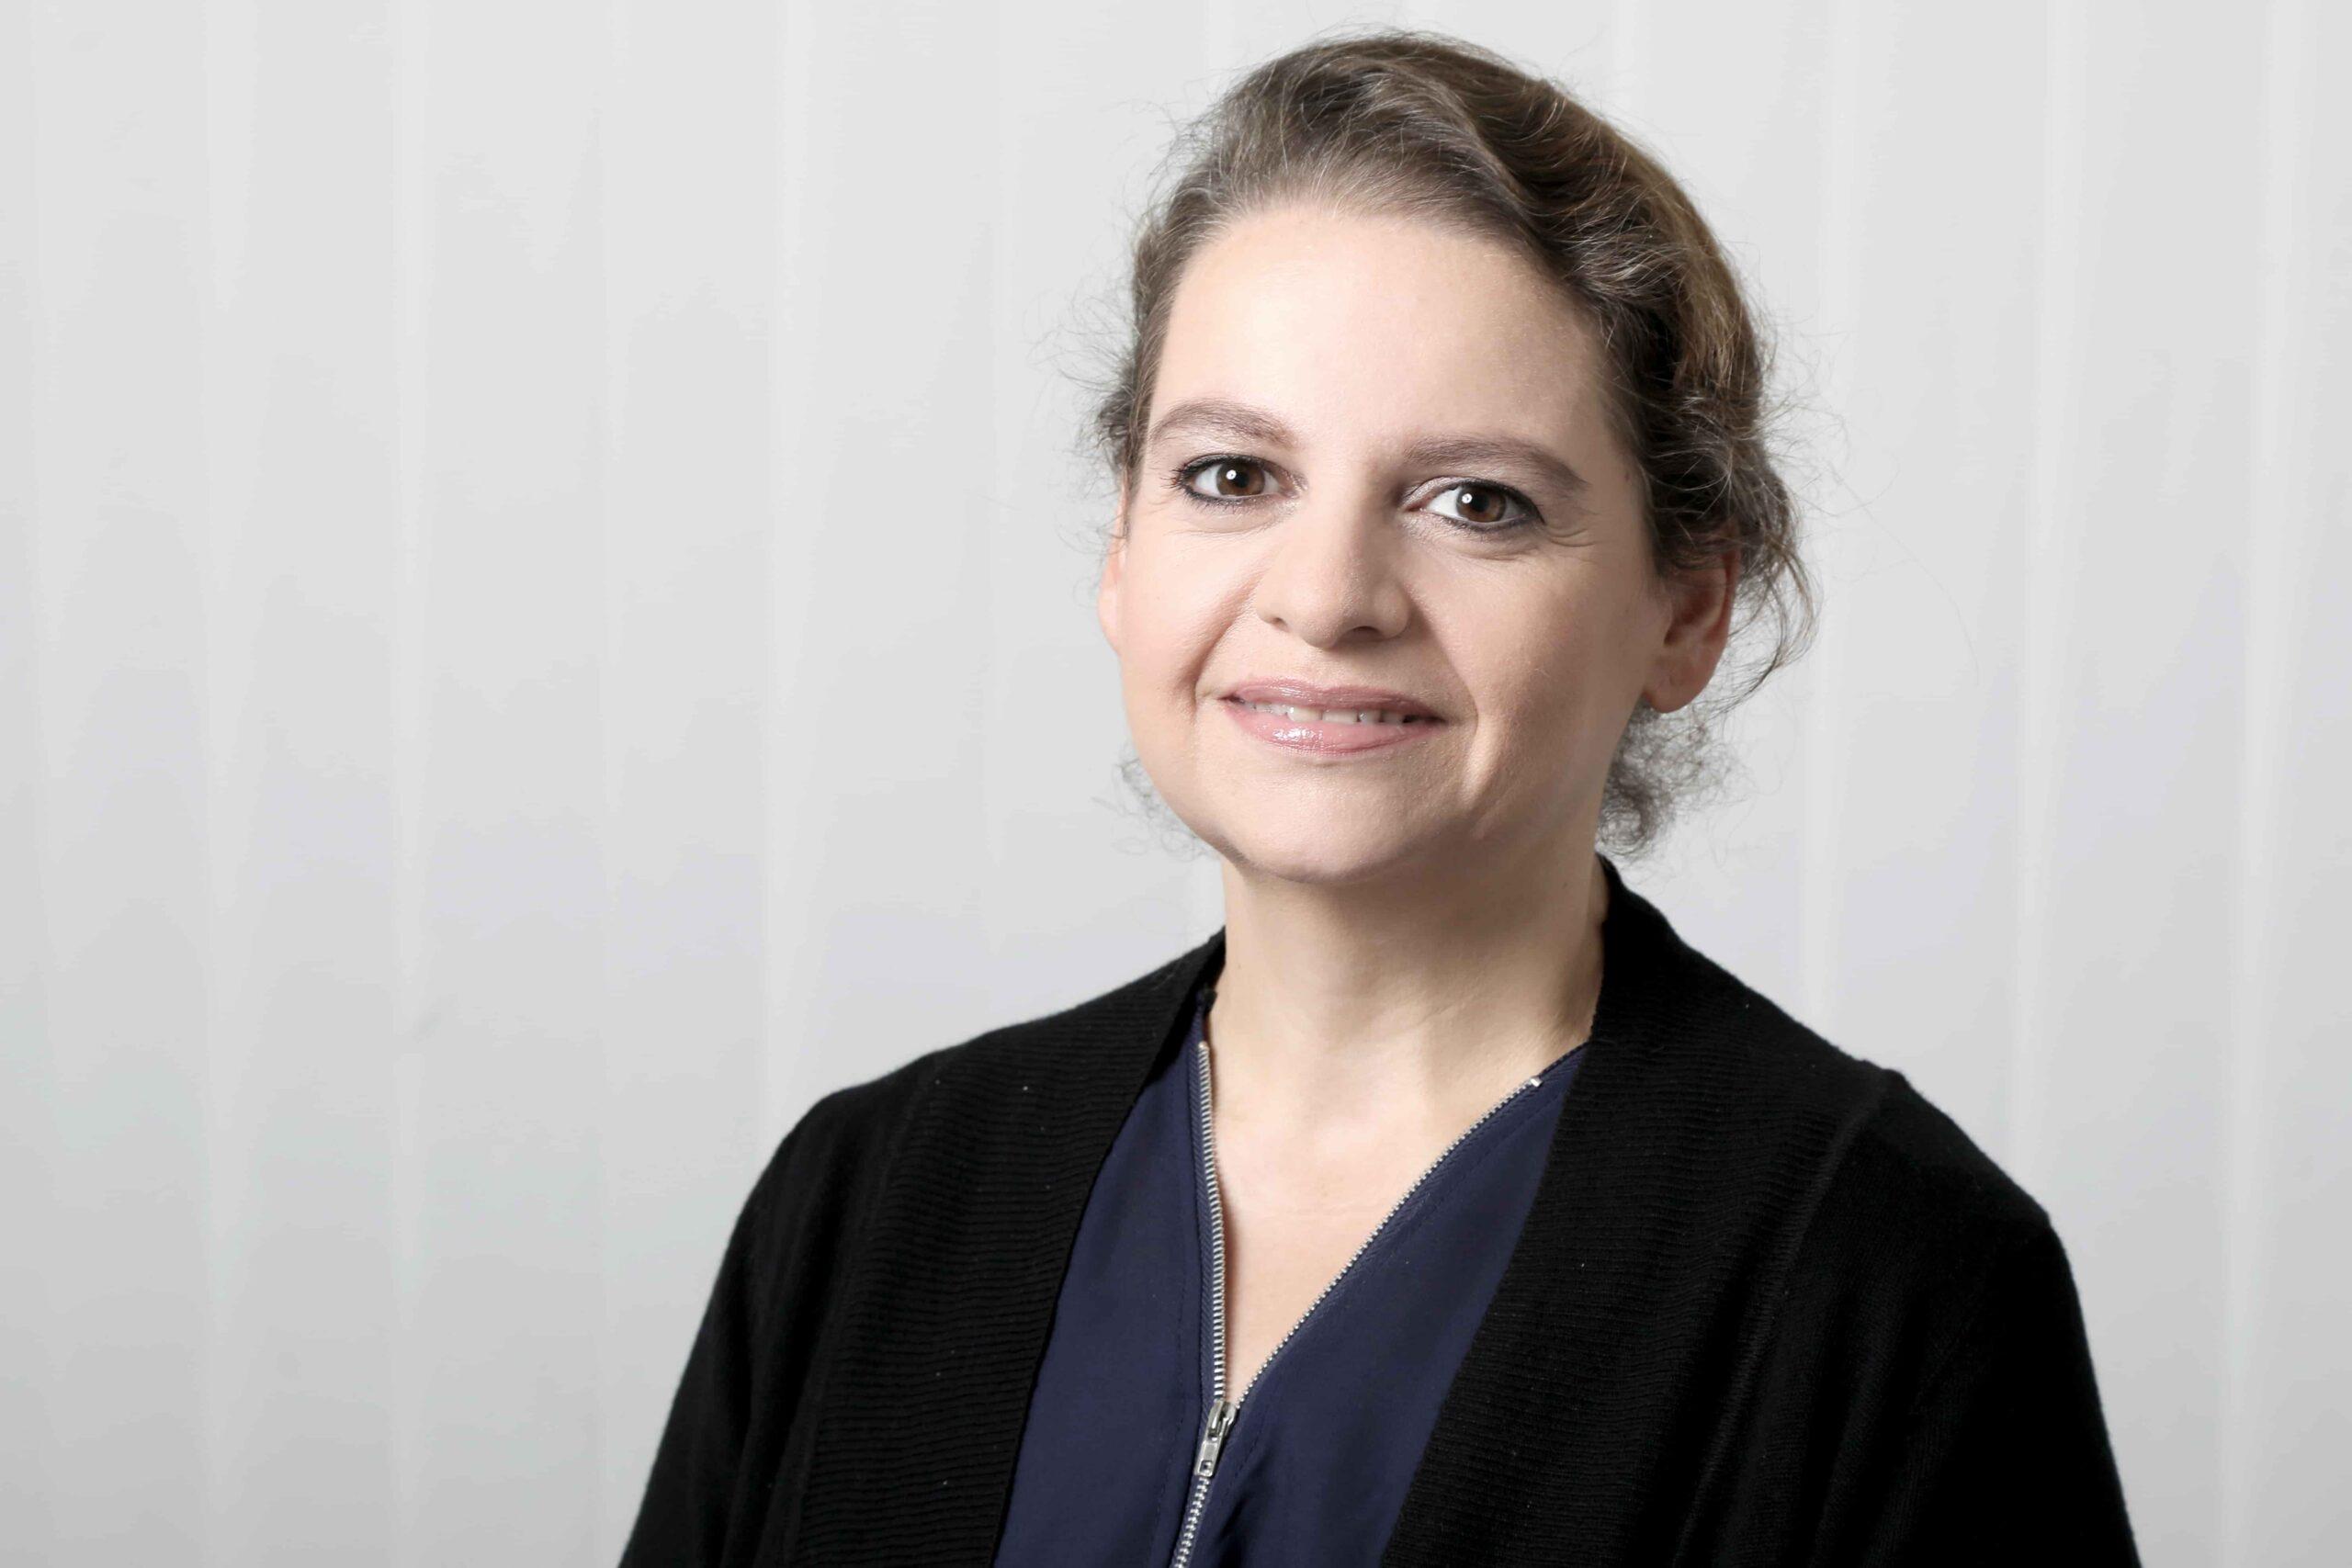 Silvana Namiq-Tulini